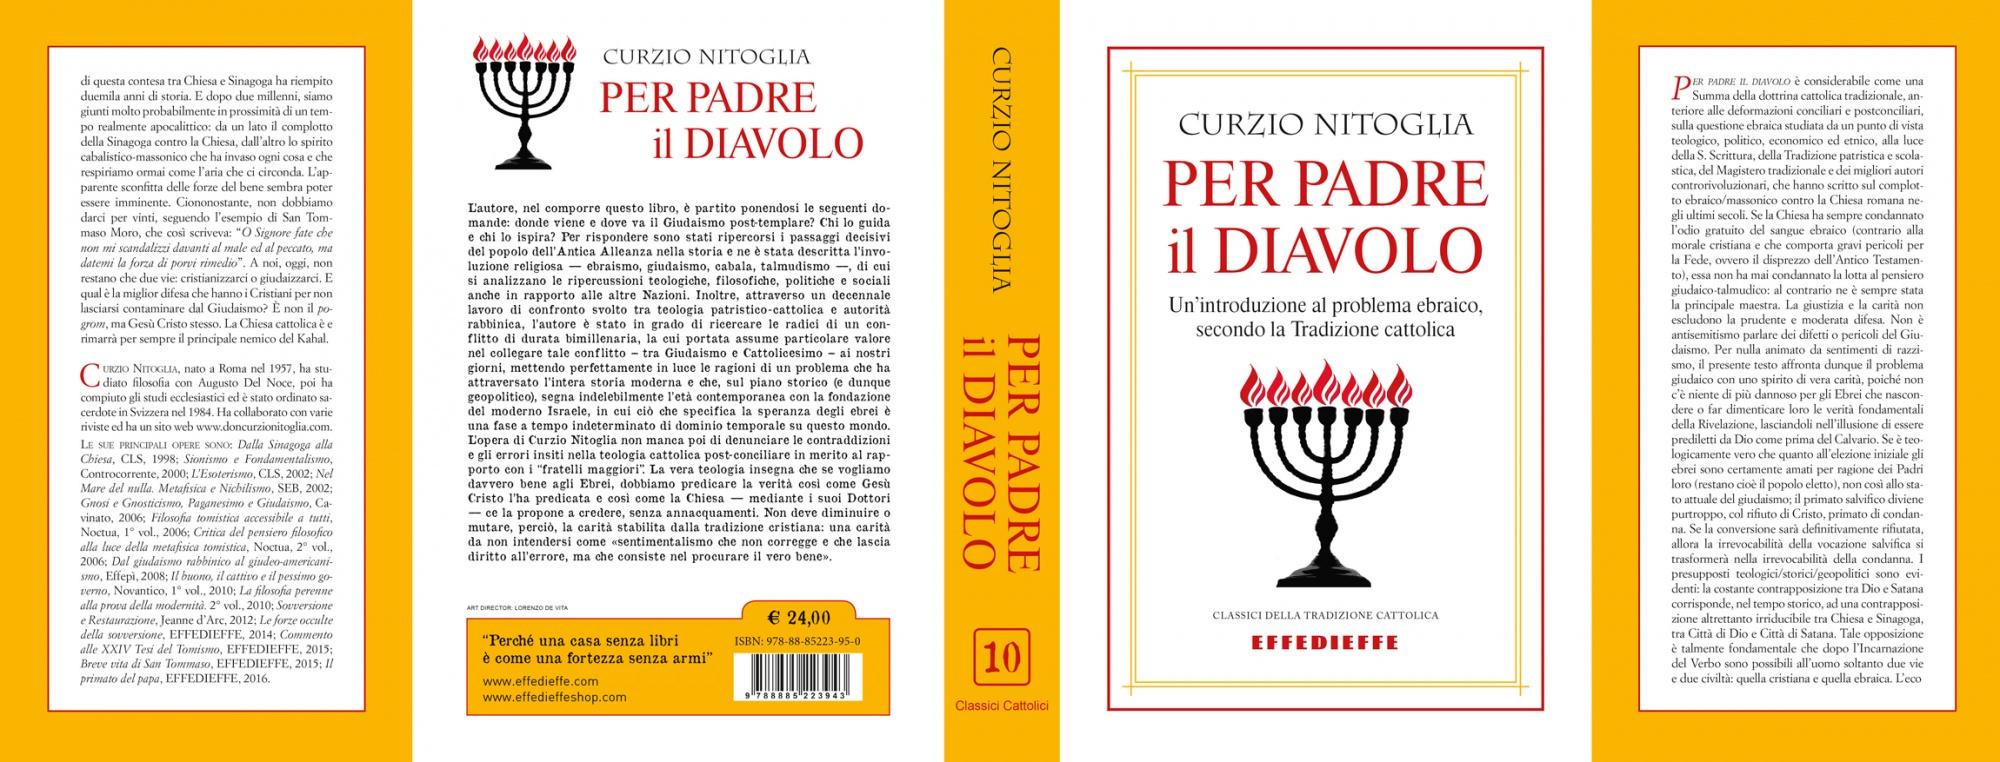 Per Padre Il Diavolo Introduzione Al Problema Ebraico